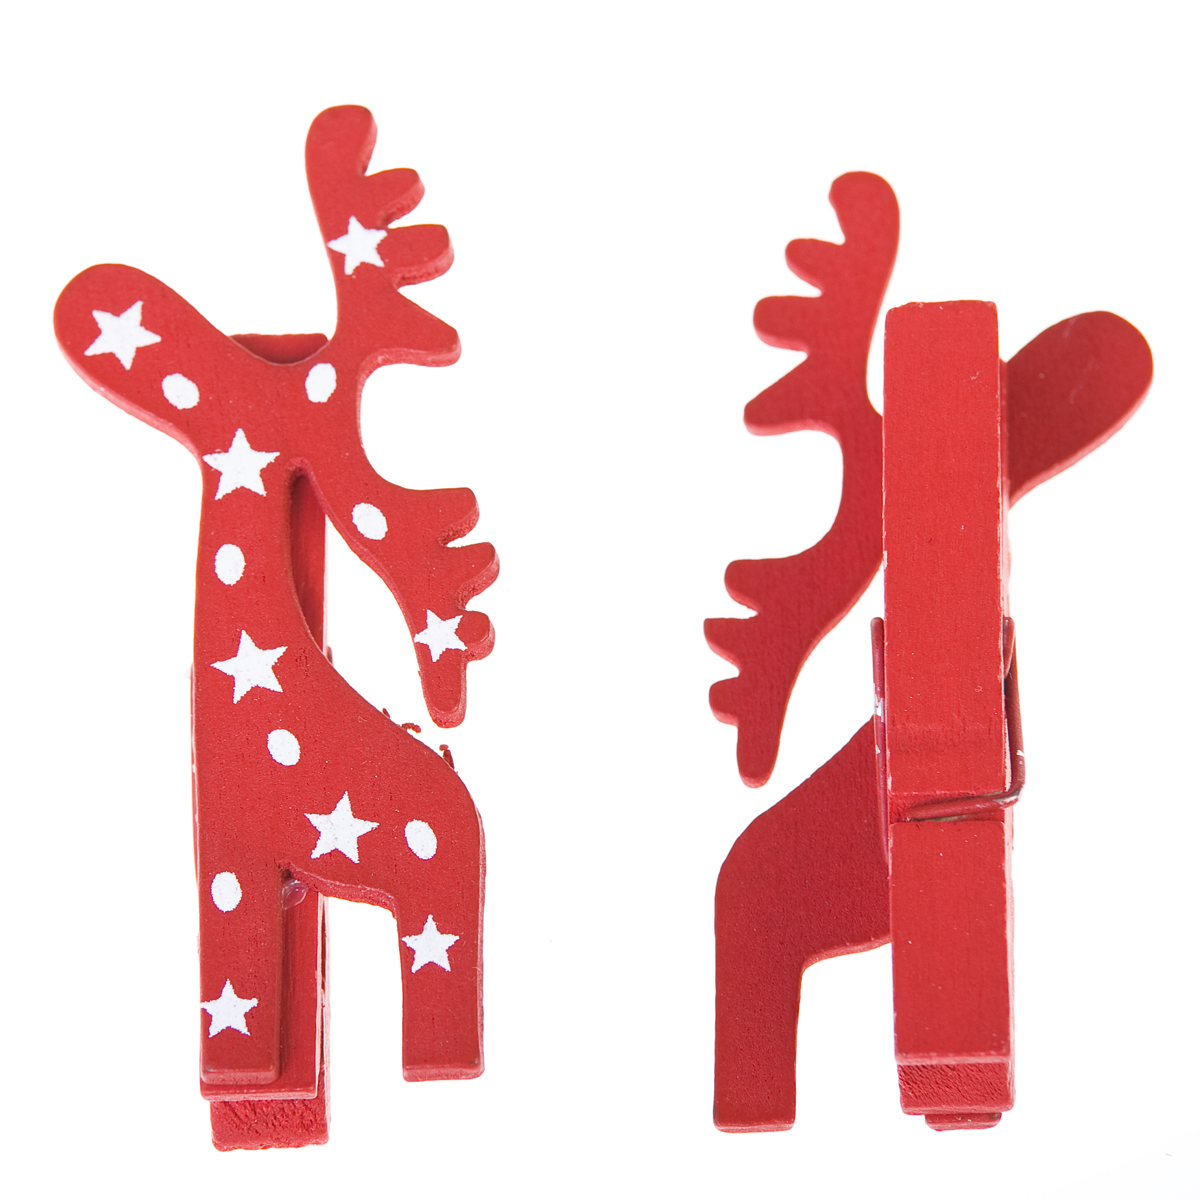 Декор Lunten ranta Лоси 66328 новогодняя гирлянда lunten ranta сказка цвет красный длина 2 м